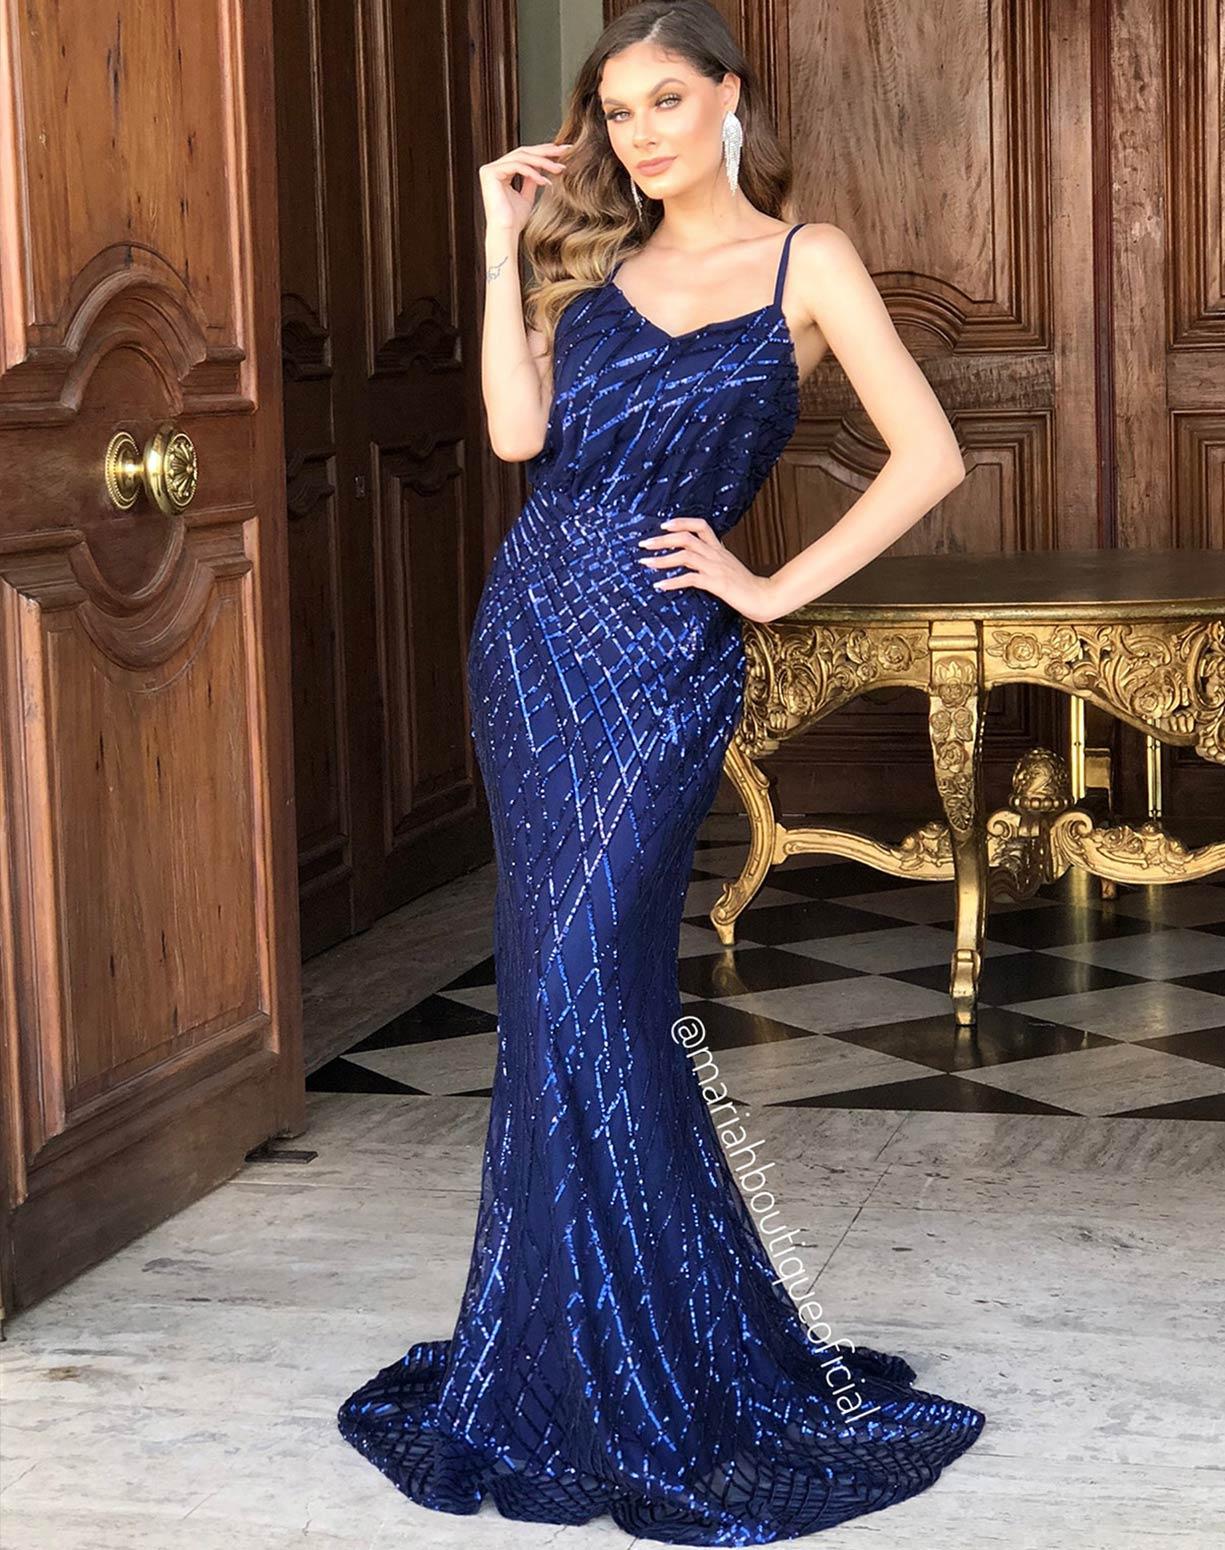 Vestido Azul Marinho modelo Blusê Com Bordados em Paetês